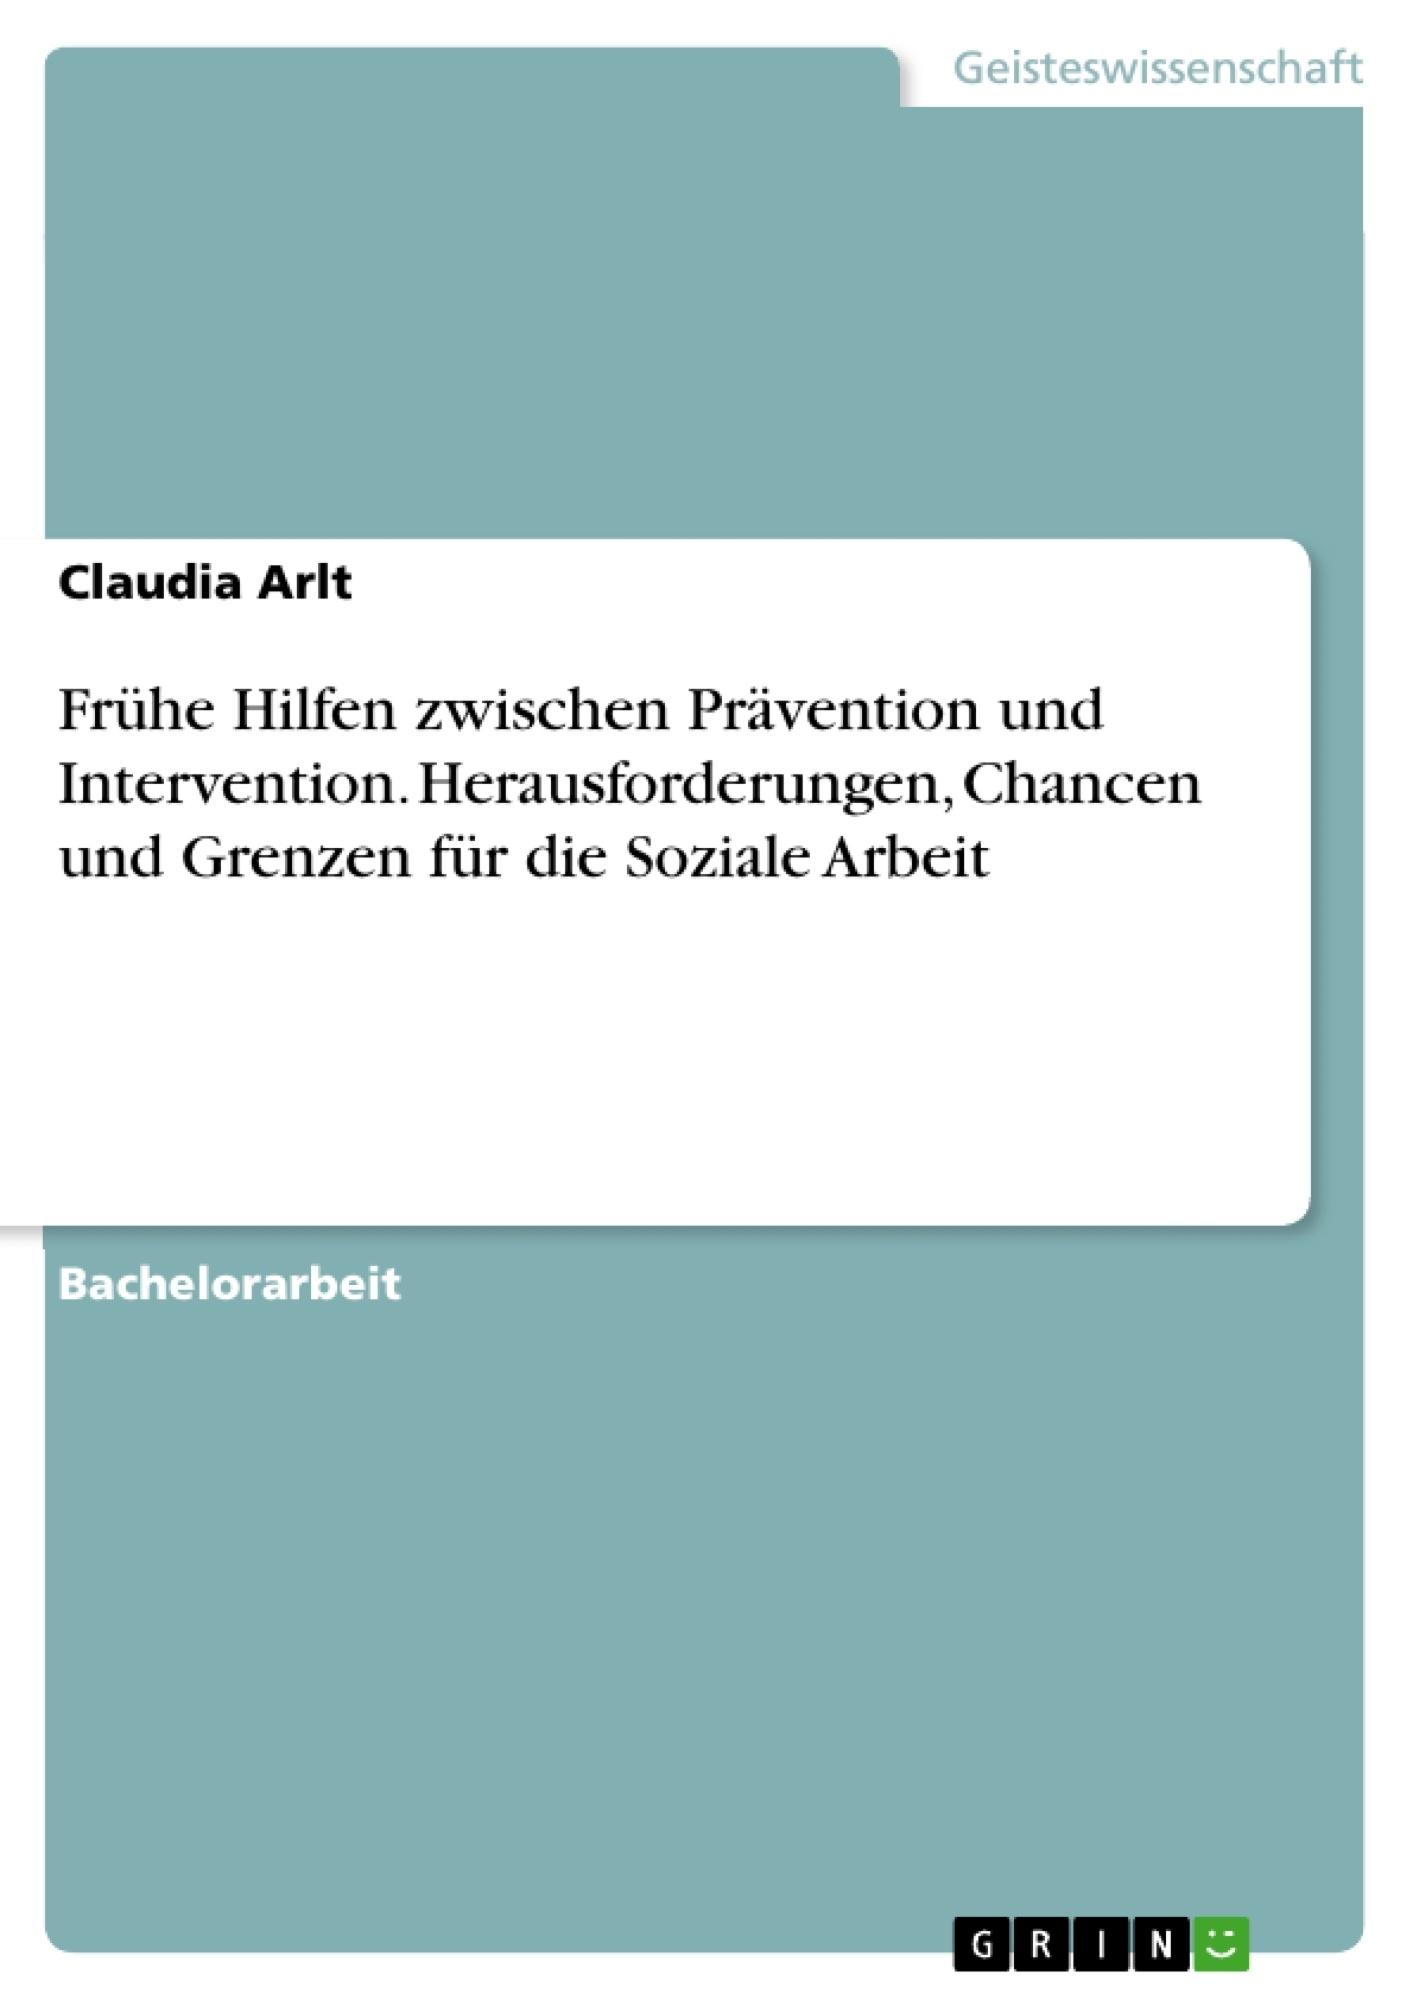 Titel: Frühe Hilfen zwischen Prävention und Intervention. Herausforderungen, Chancen und Grenzen für die Soziale Arbeit